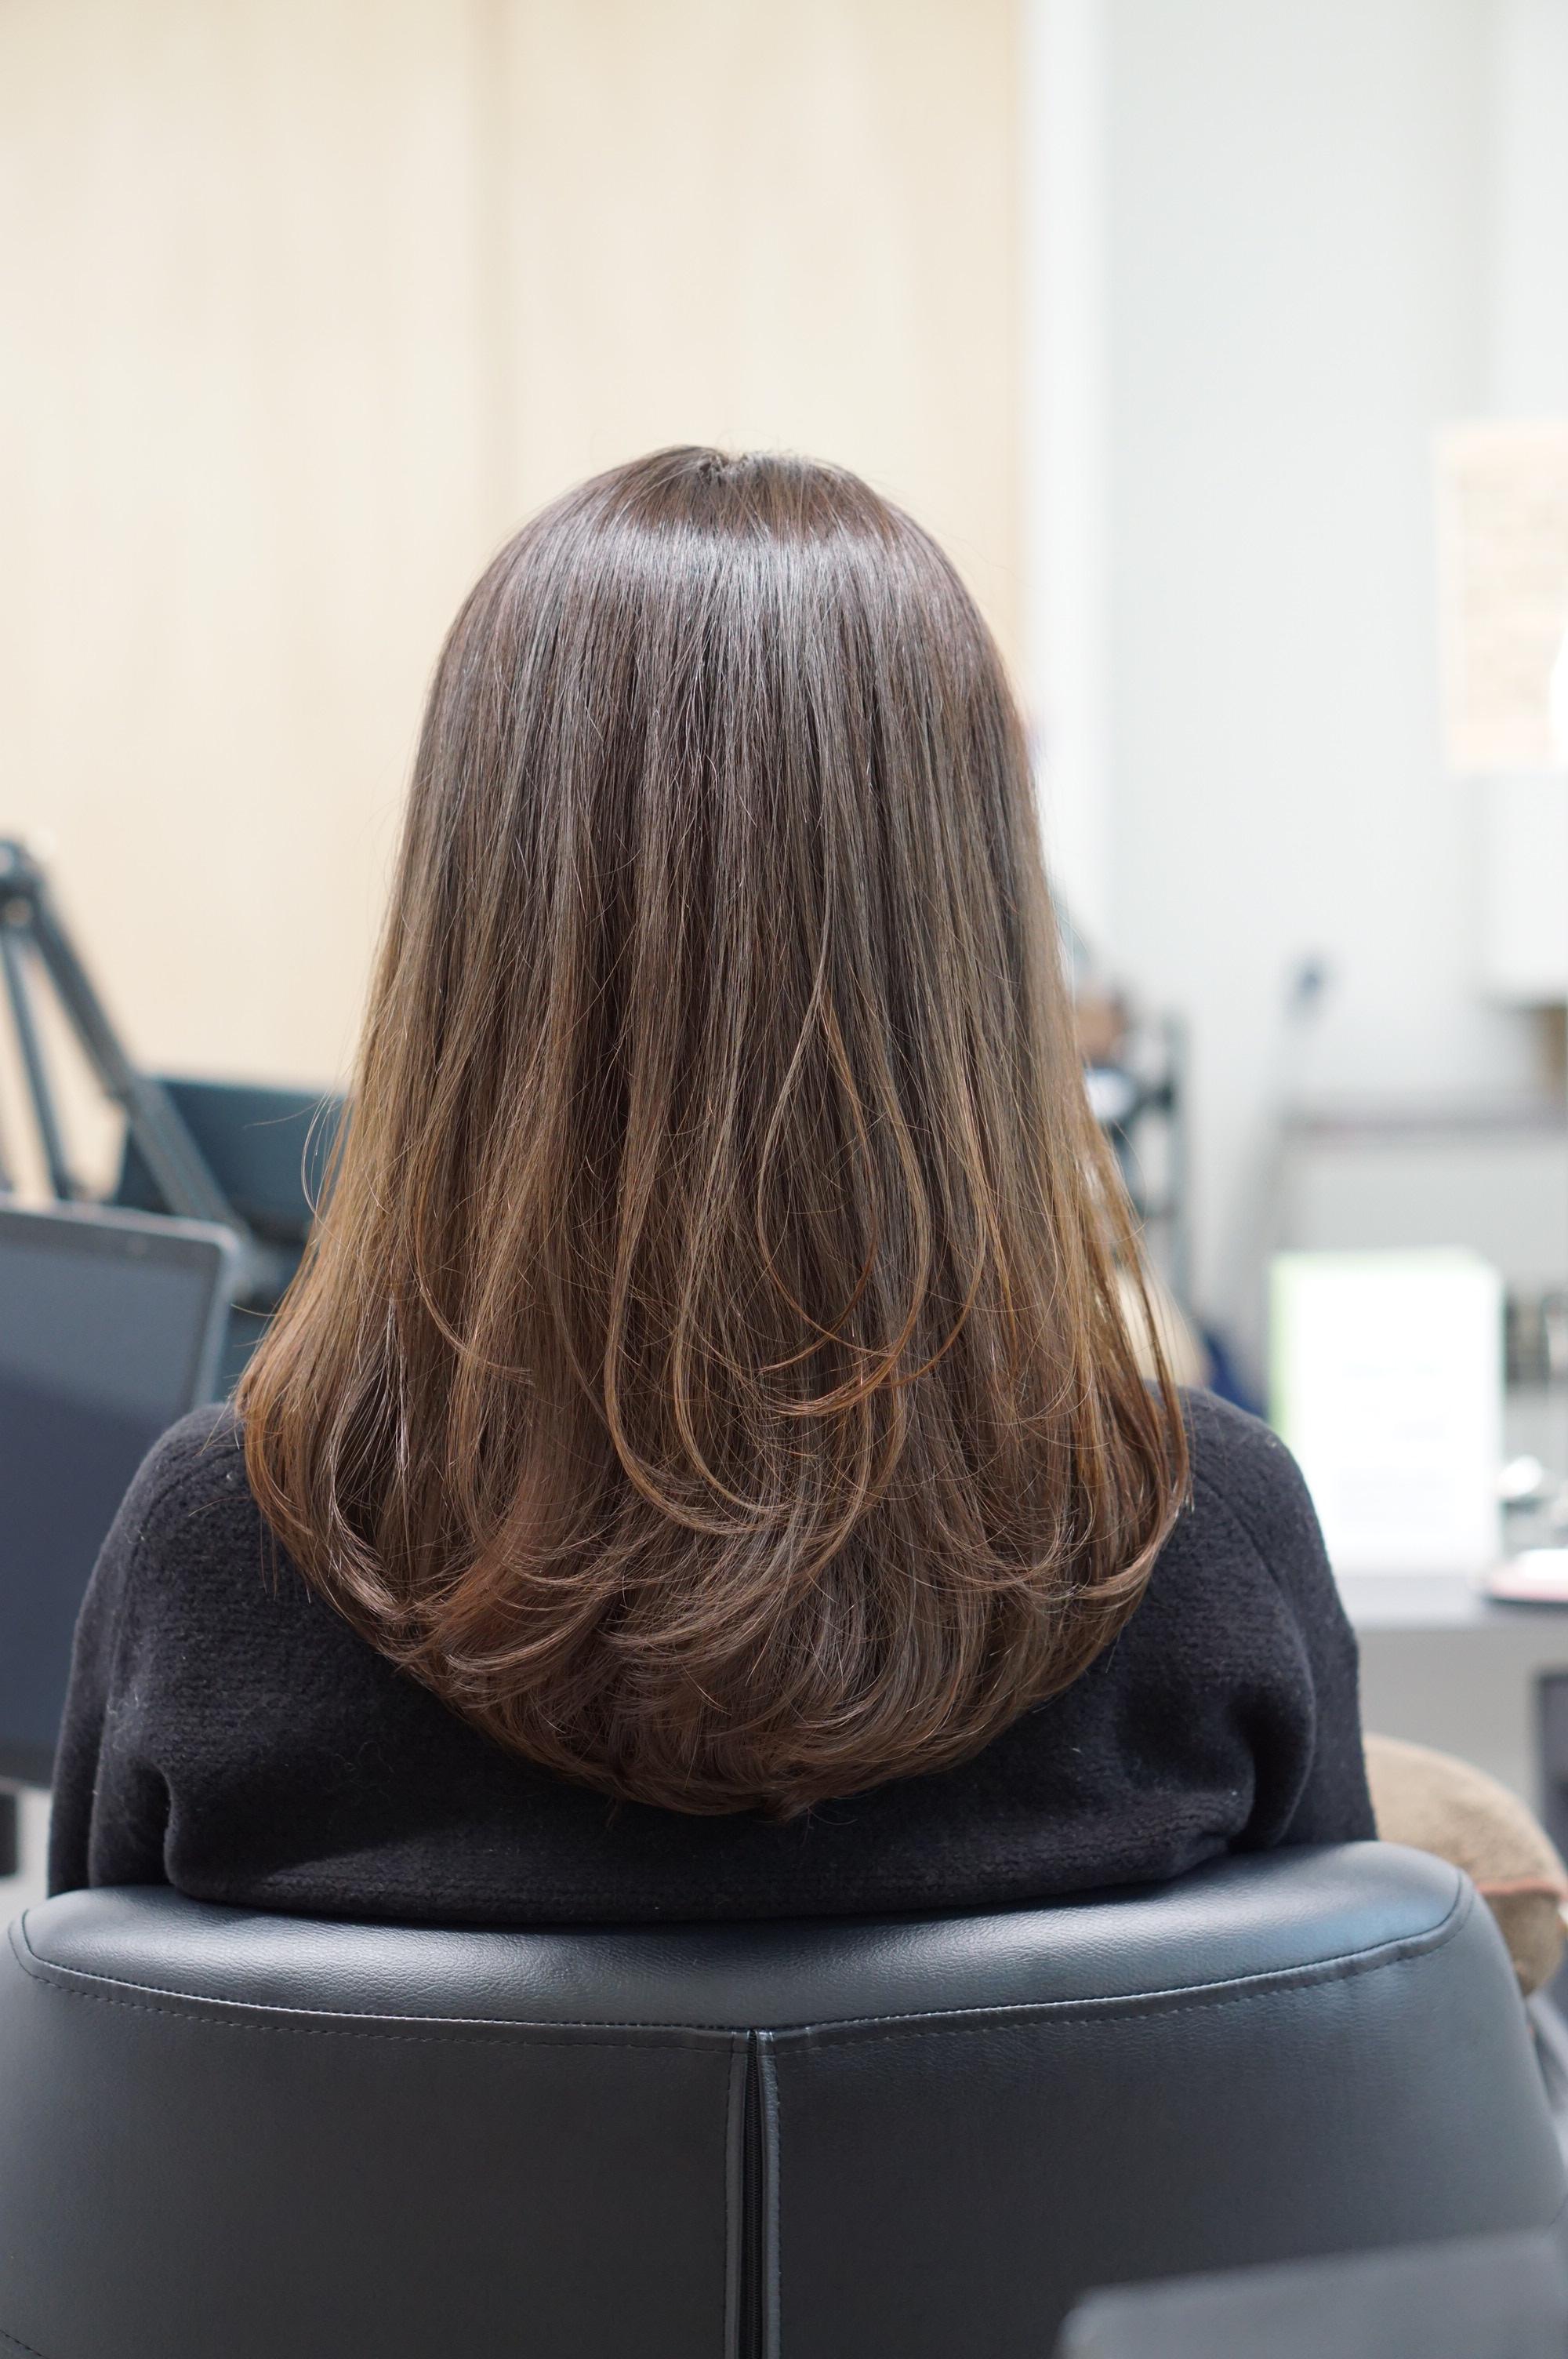 髪が綺麗な女性